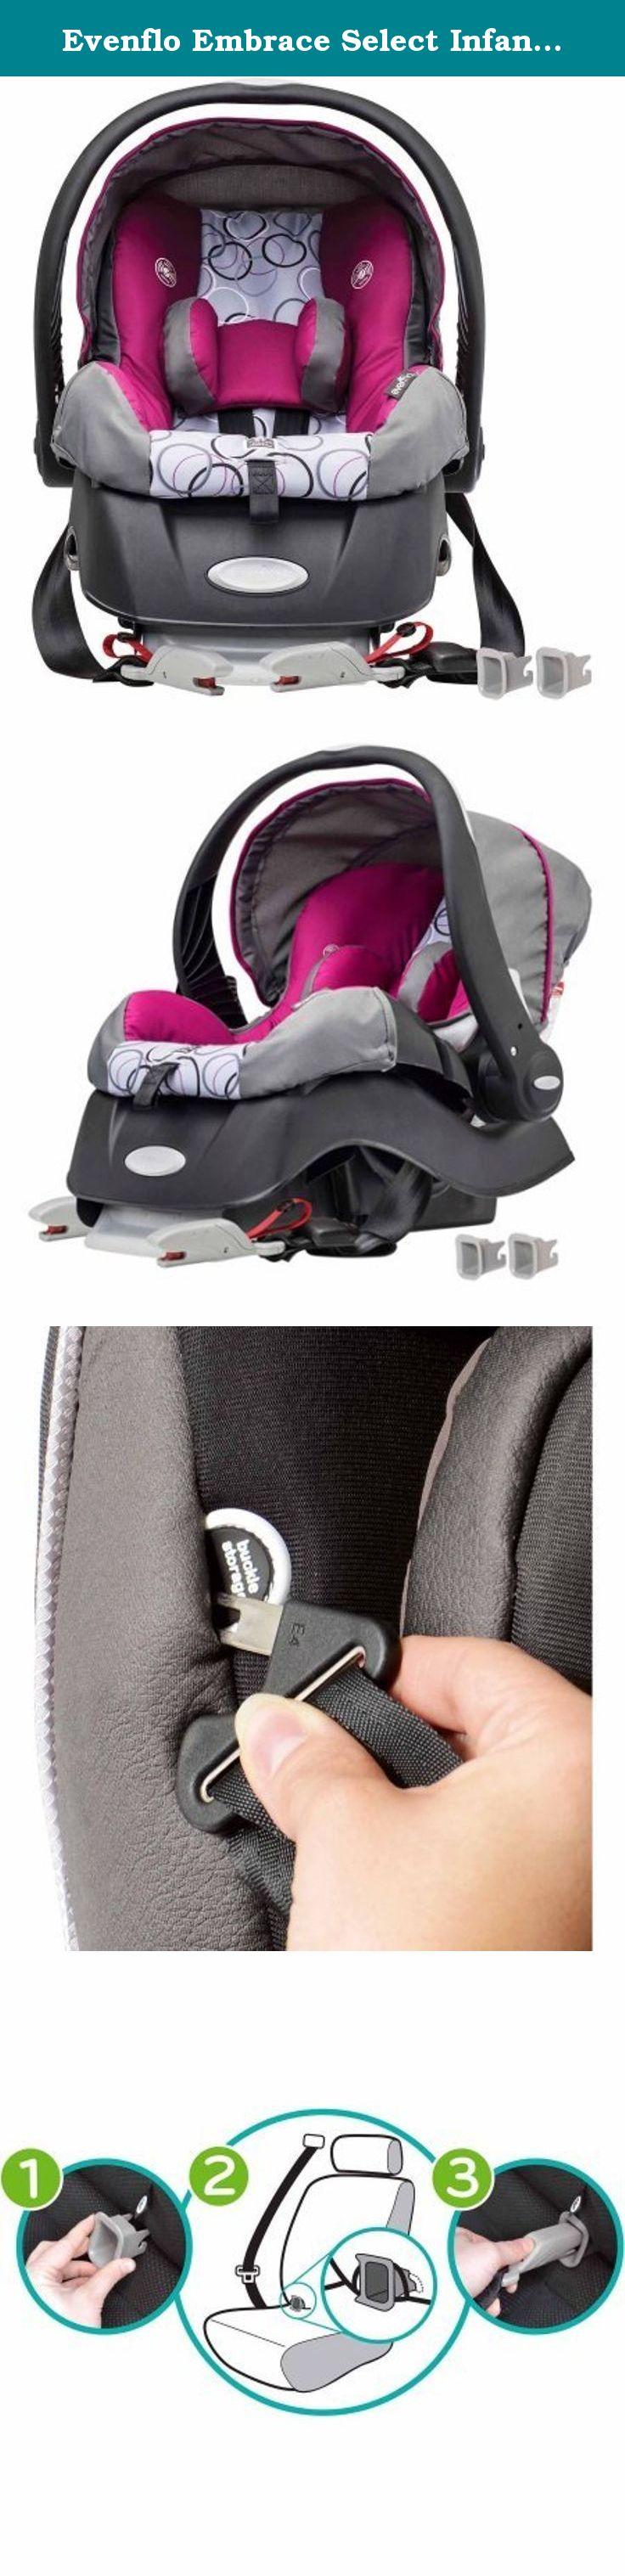 Evenflo Embrace Select Infant Car Seat With Sure Safe Installation Evangeline Model 31541576